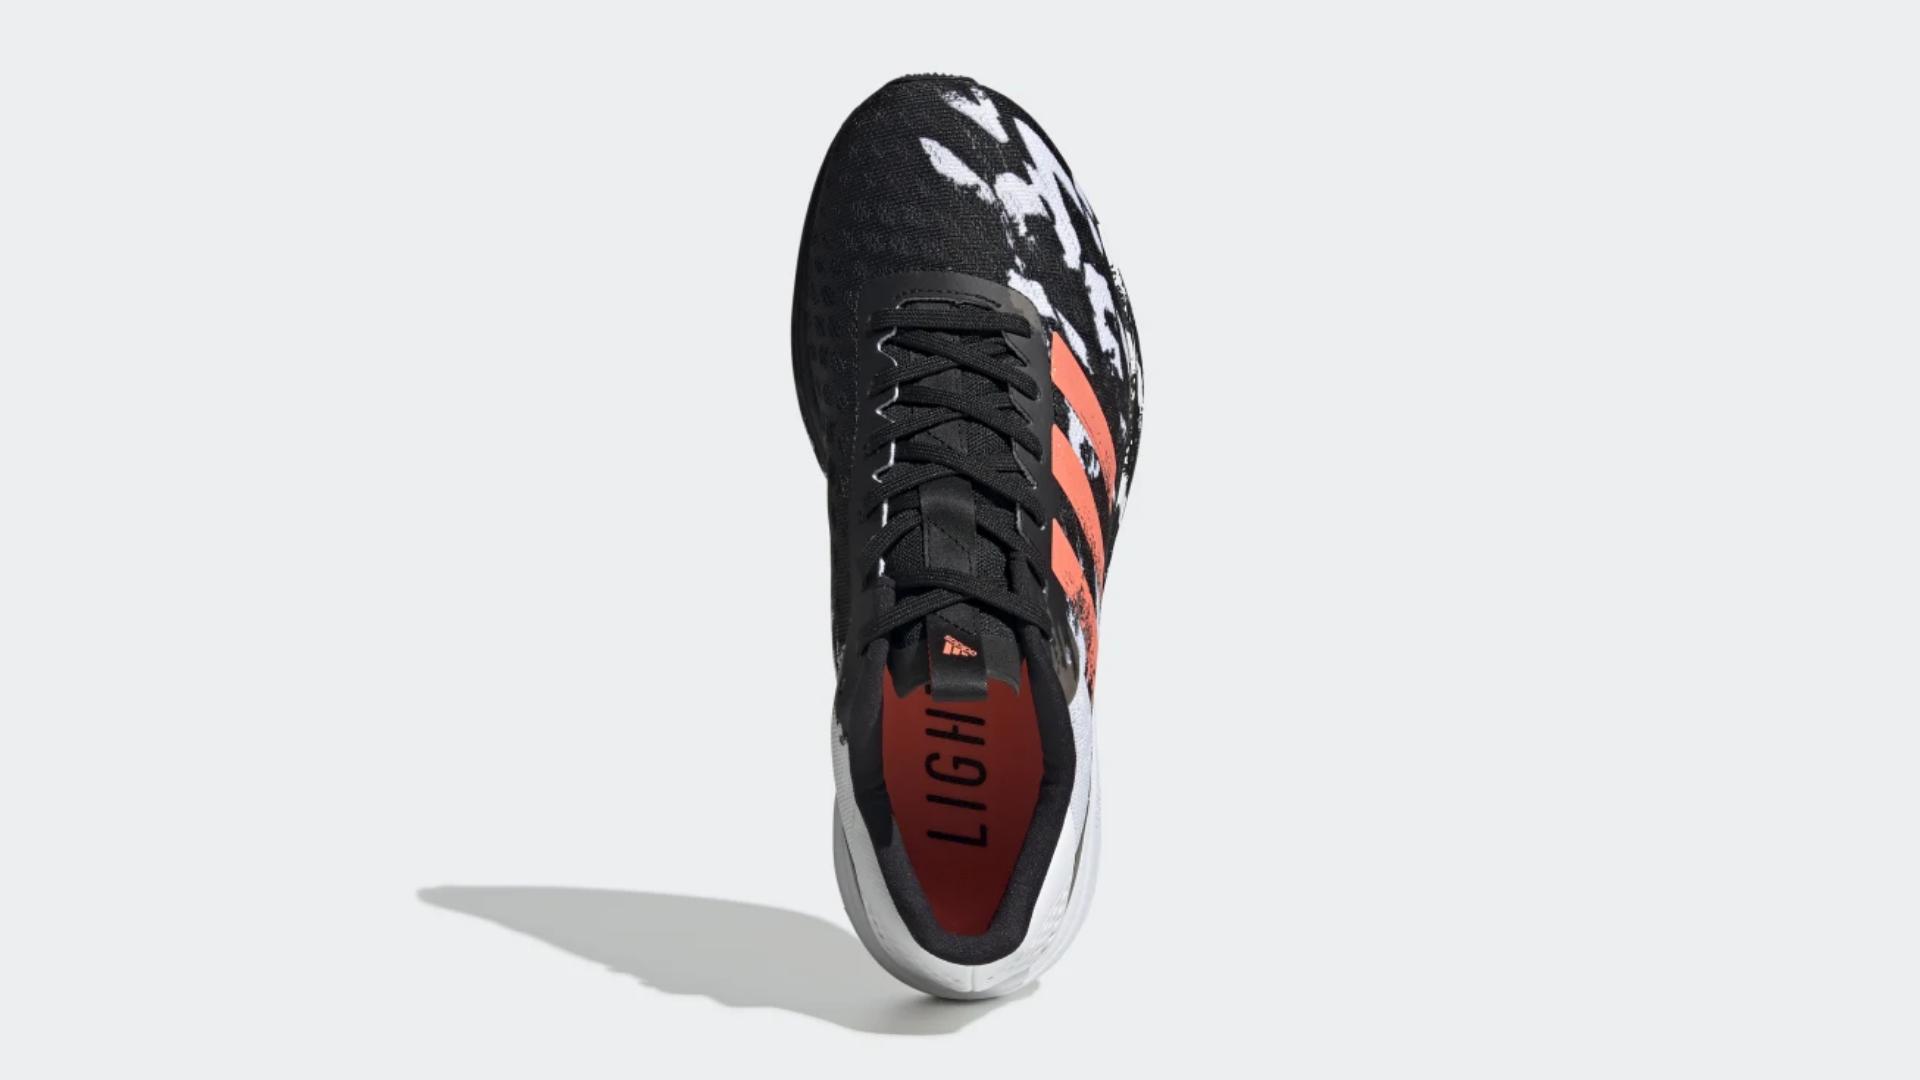 O Adidas SL20 está disponível em diversas cores (Imagem: Divulgação/Adidas)